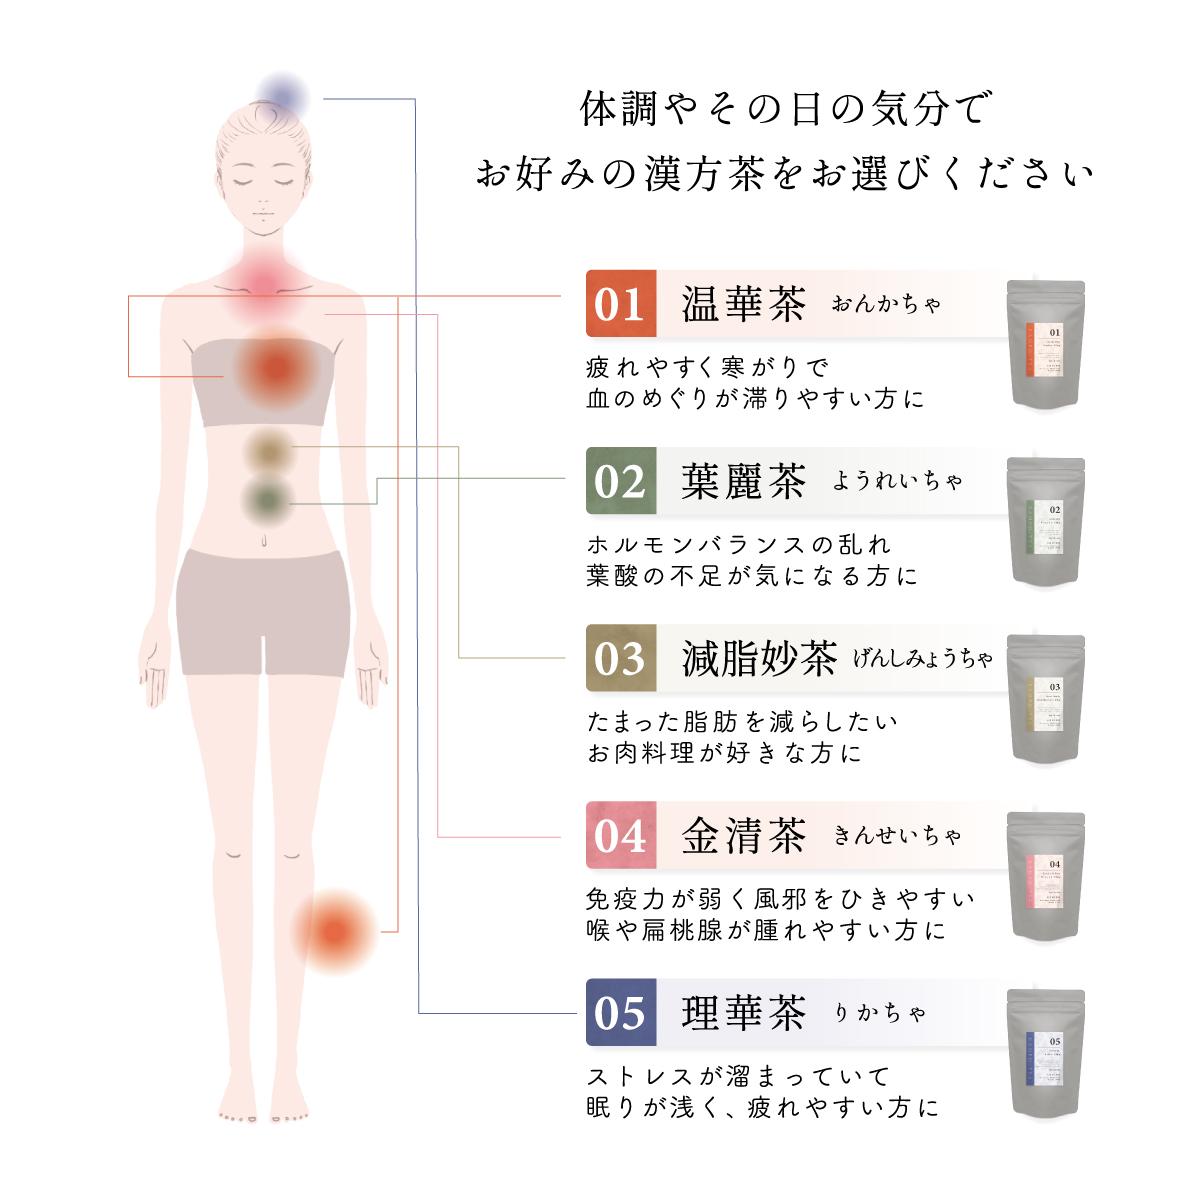 【漢方茶 5包入り トライアル】 選べる5種 メール便送料無料  [M便 1/5]